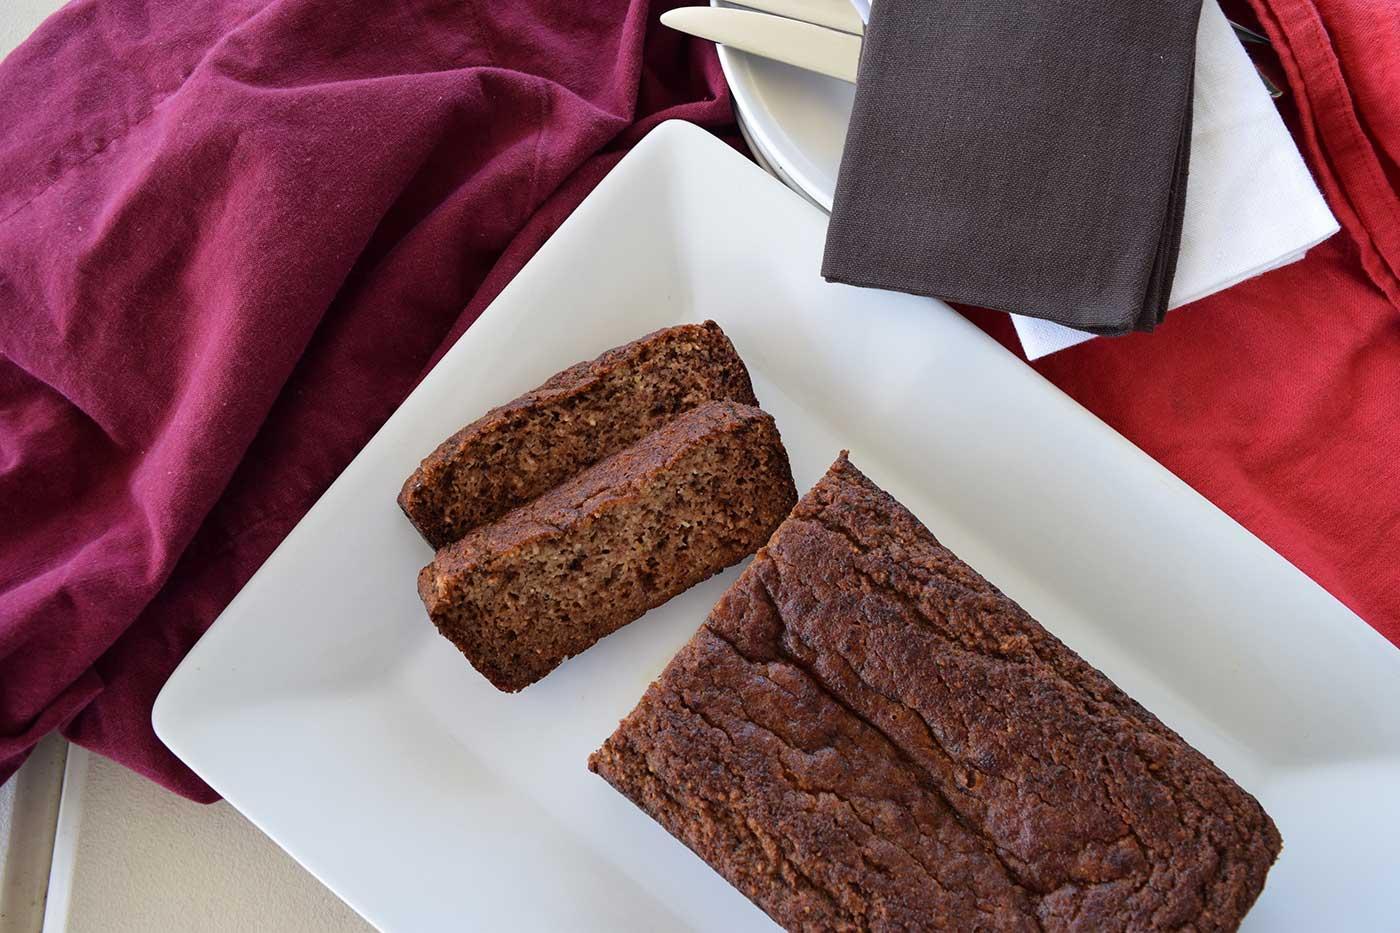 Grain-Free-Banana-Bread-Thermomix-Recipe